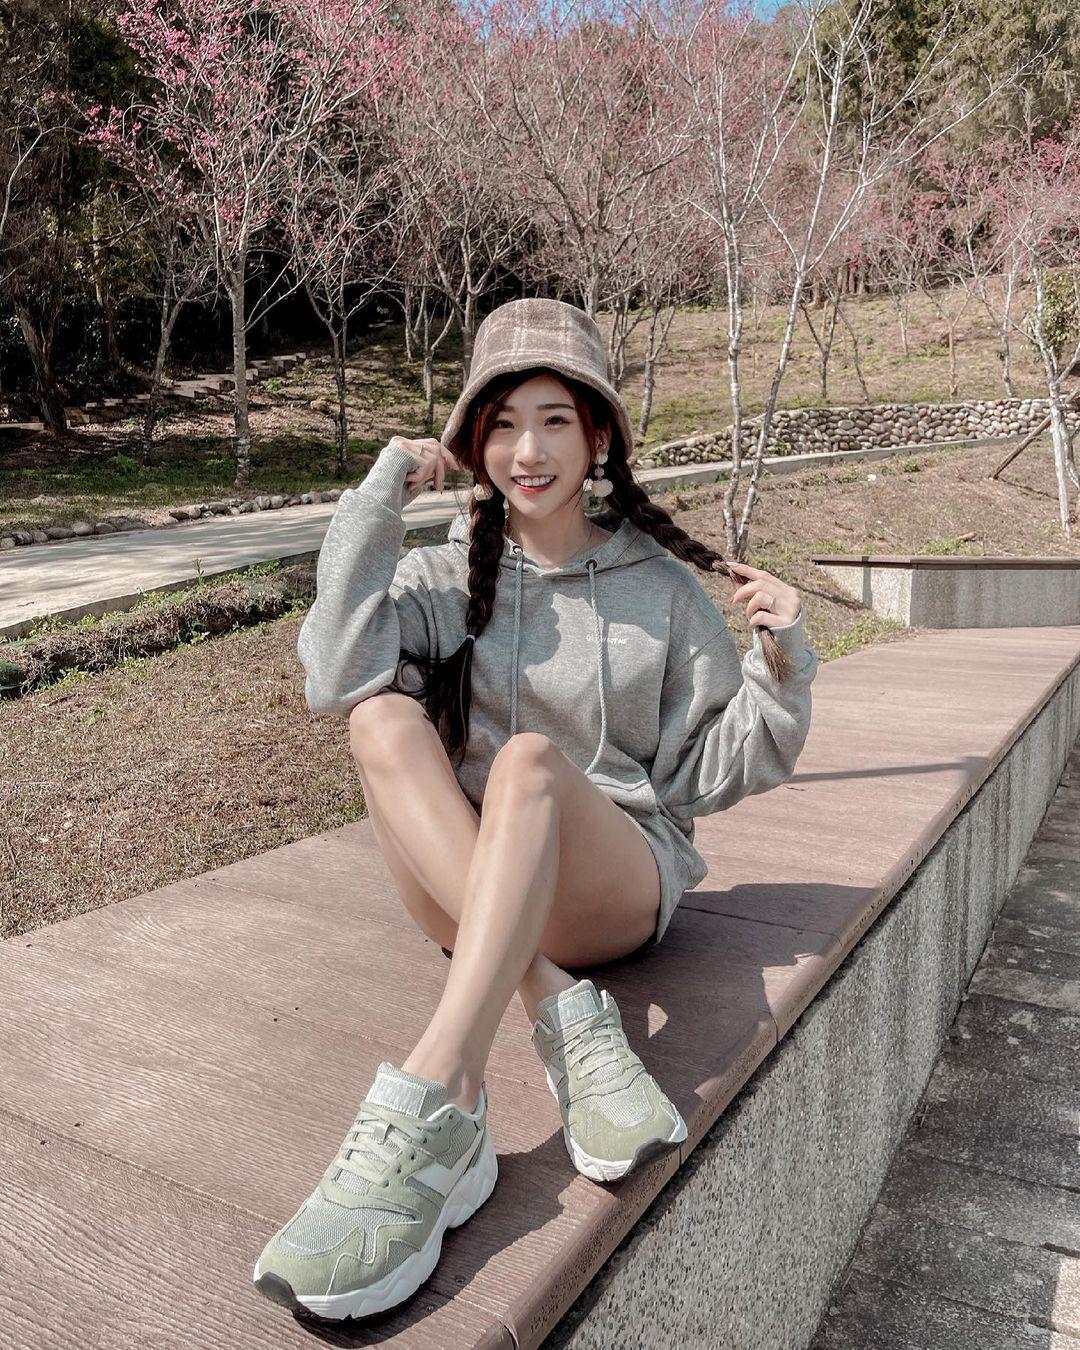 國光女孩 林書葶強大氣質超給力!無論長短髮都人瞬間戀愛 - 美女圖 -